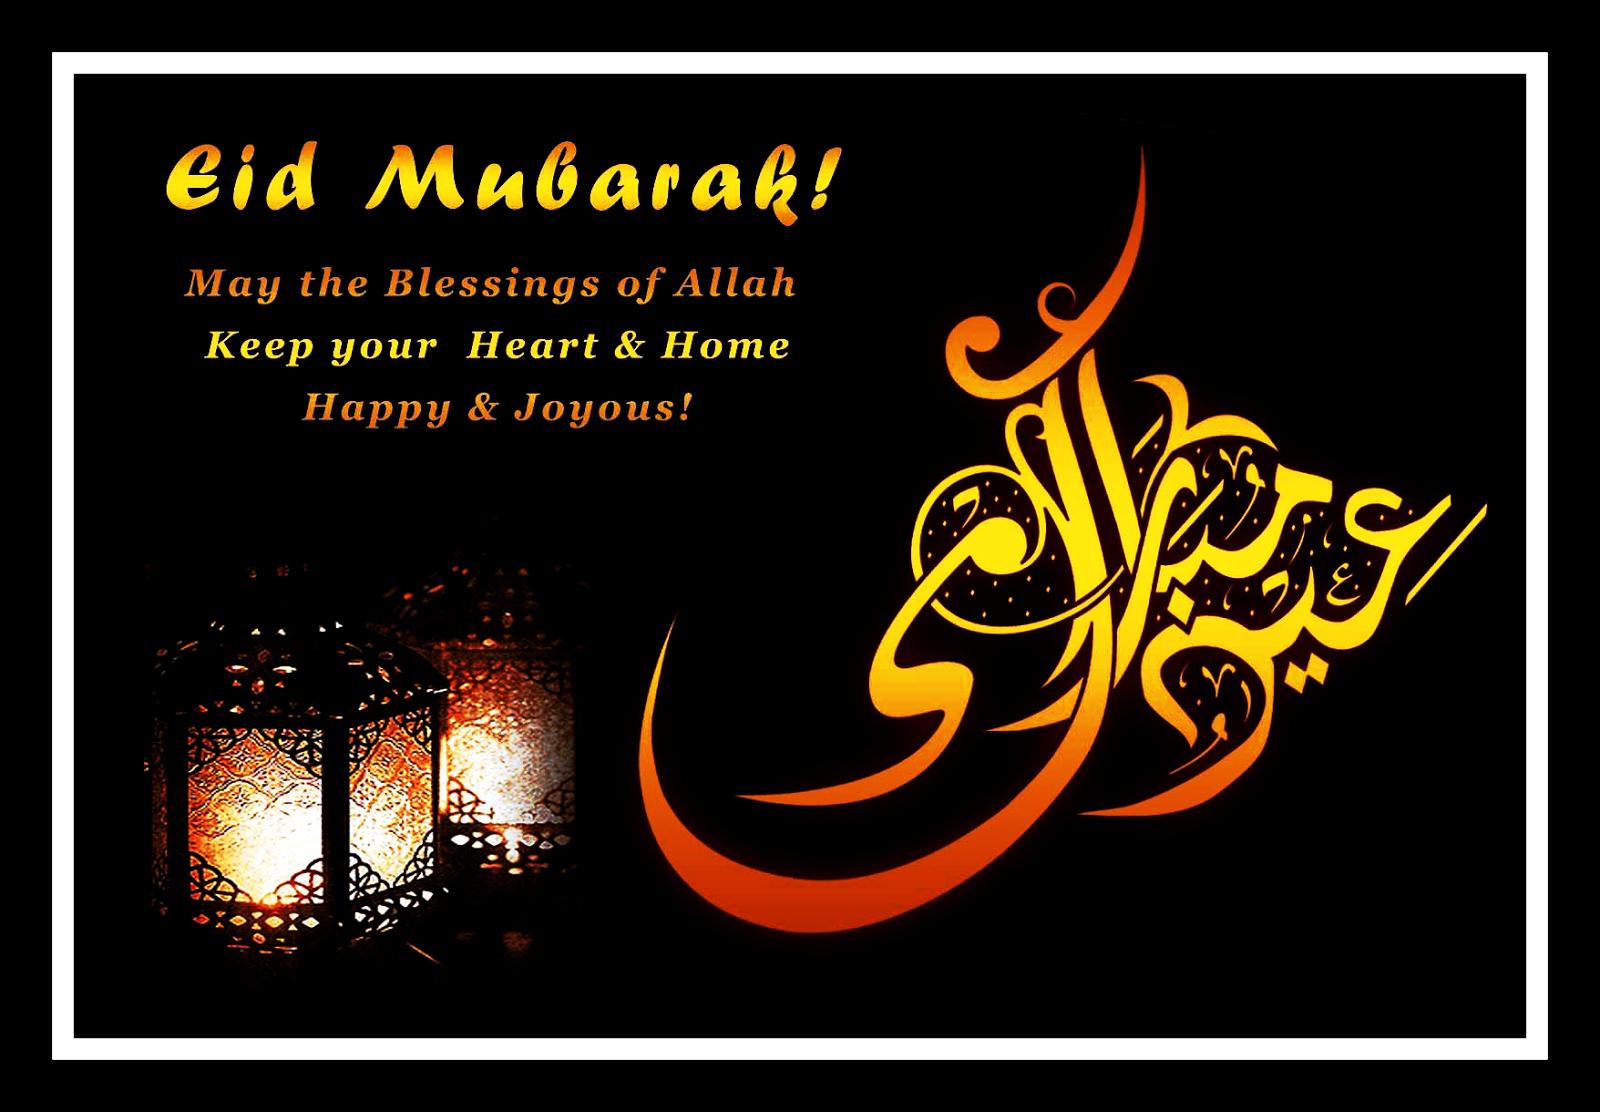 Hd wallpaper eid mubarak - Eid Mubarak Wallpapers Hd